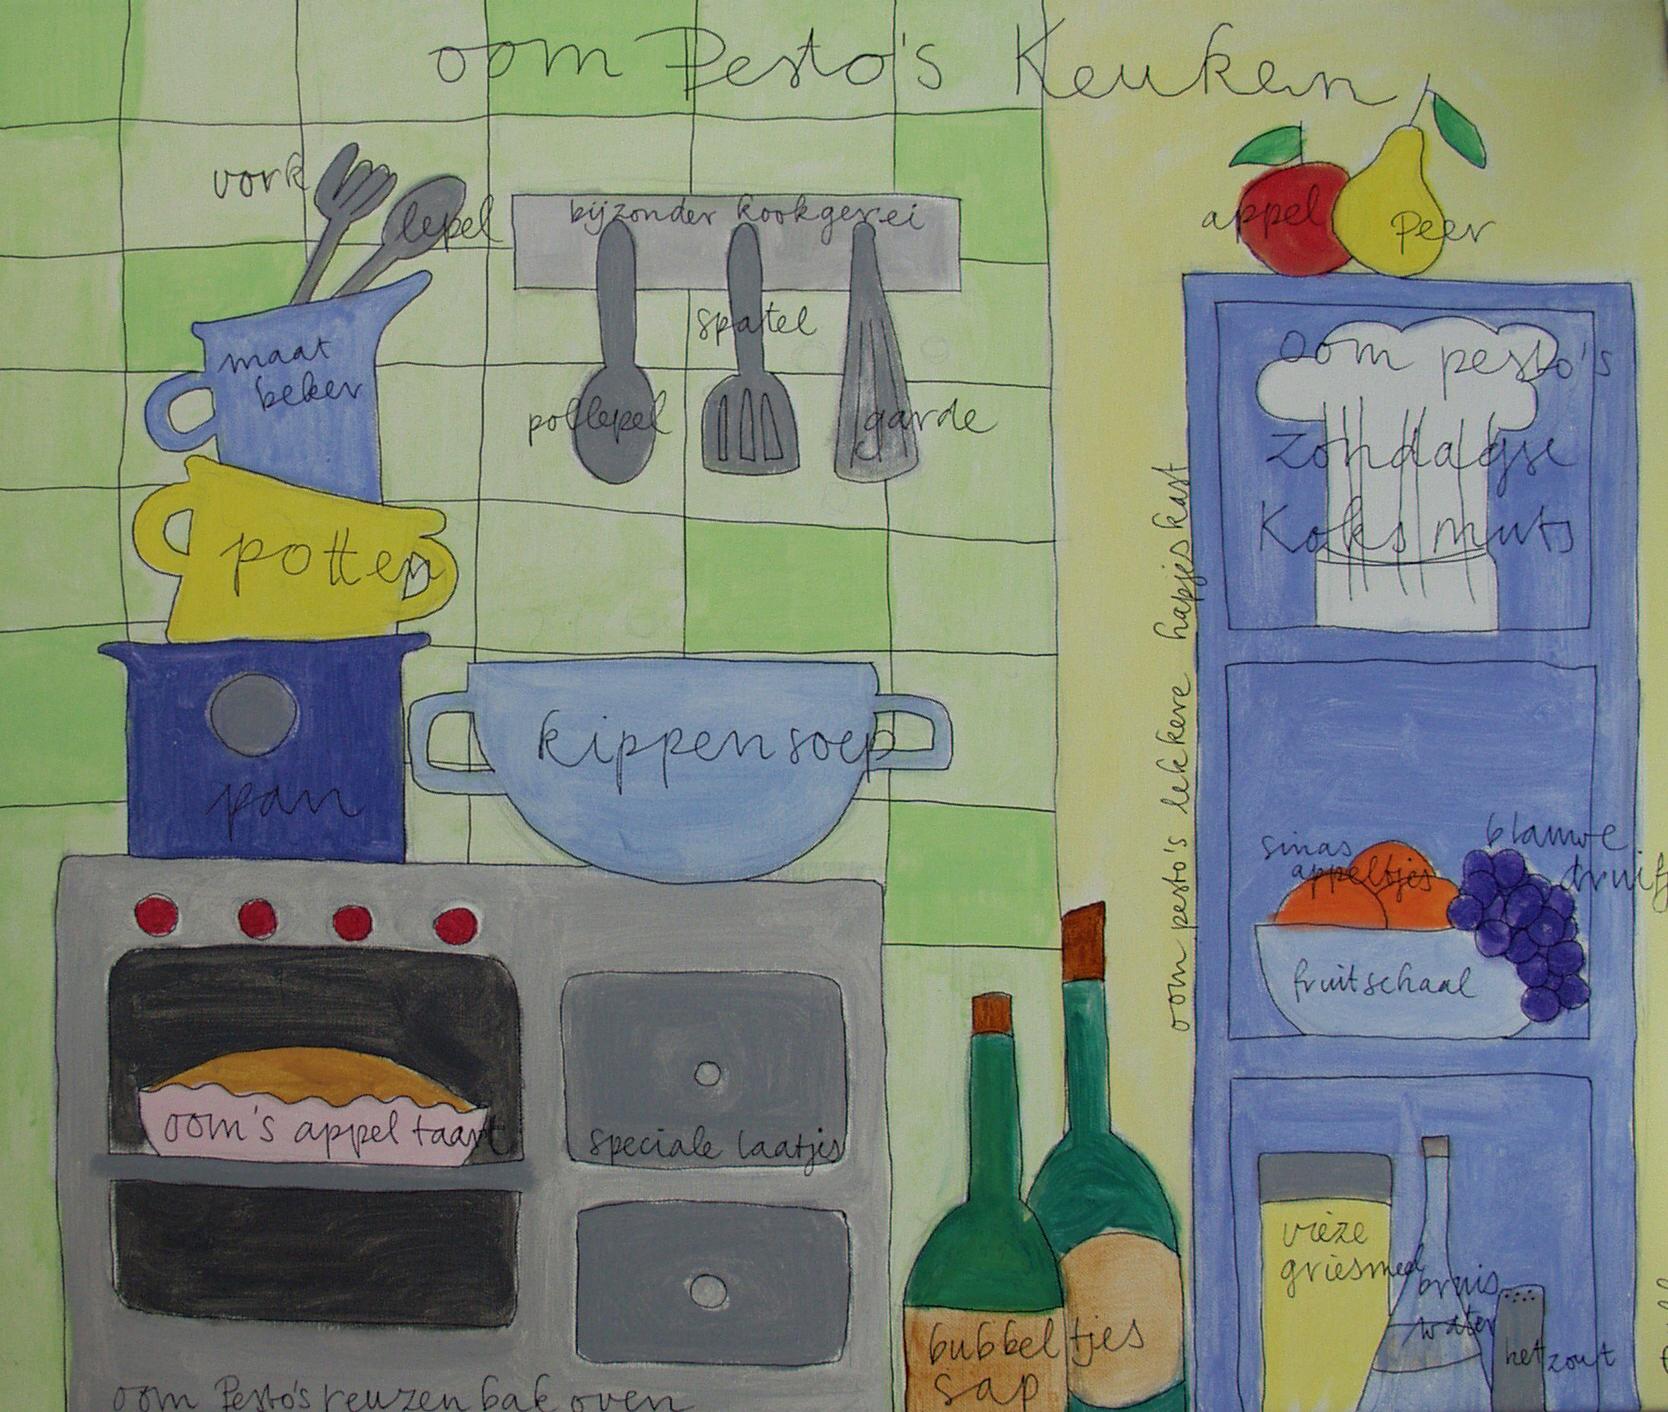 oom Pesto's keuken